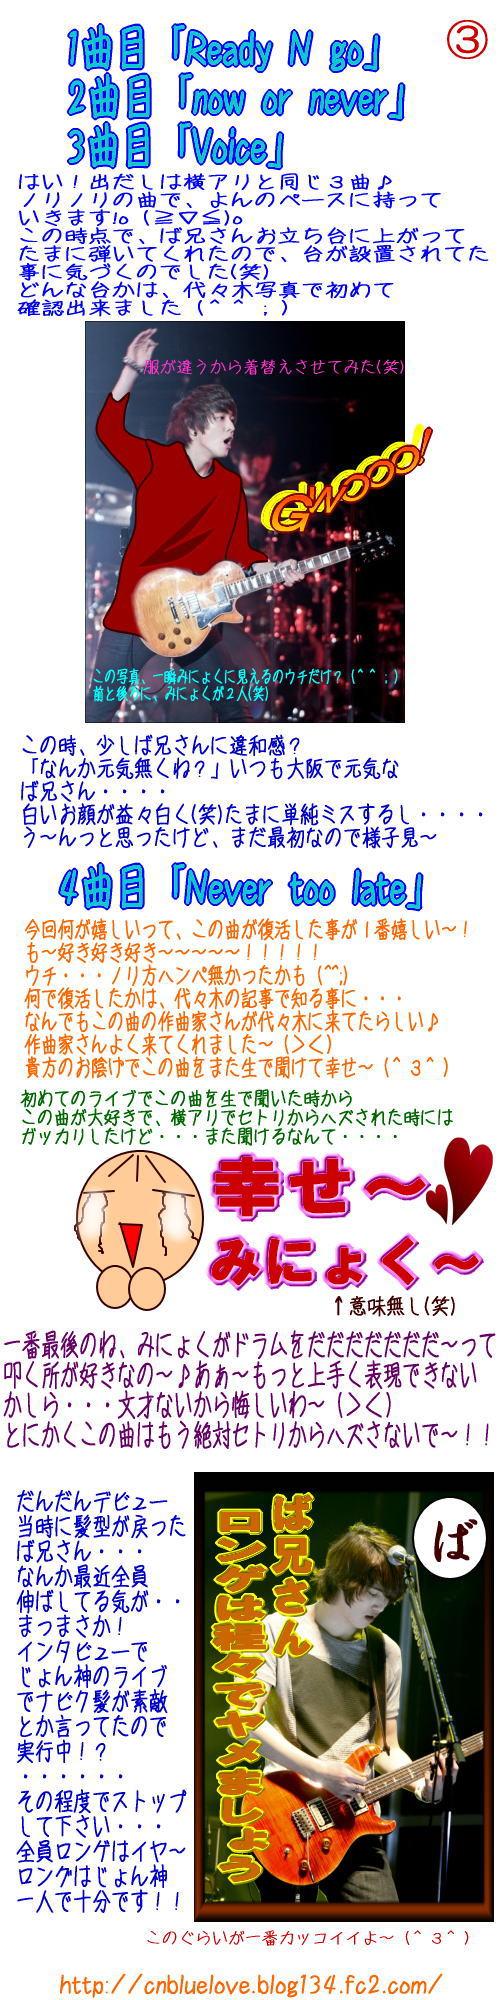 2011.12.14Zepp大阪レポ-3